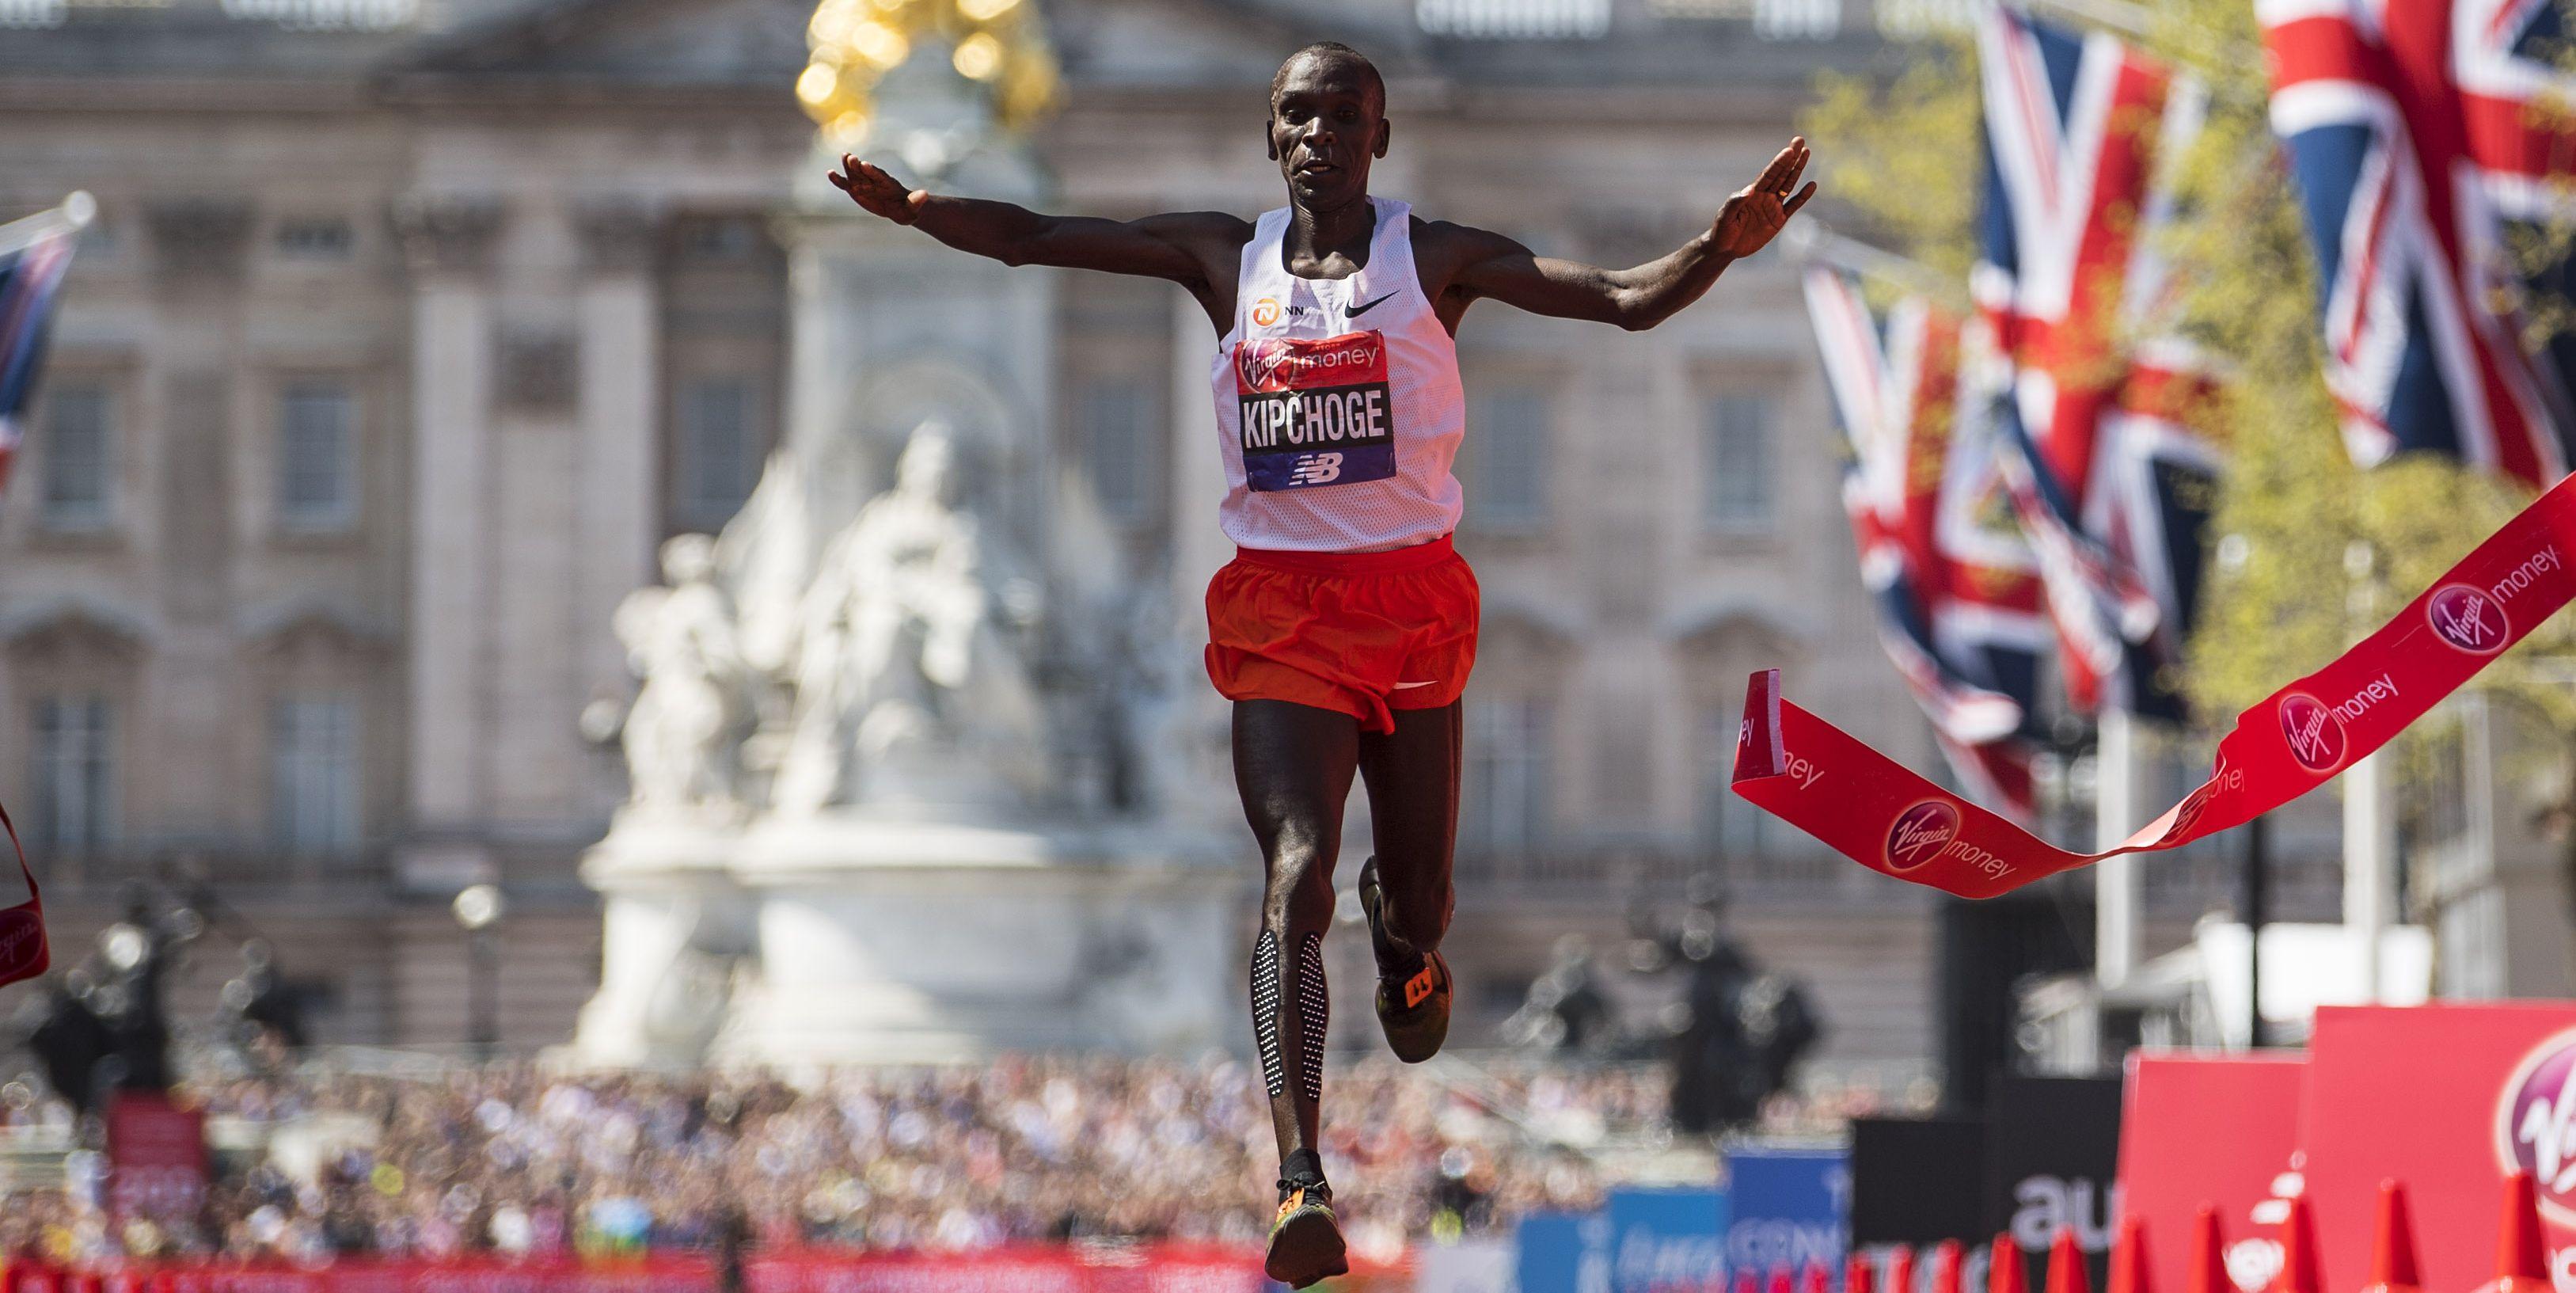 Kipchoge to run London Marathon 2019